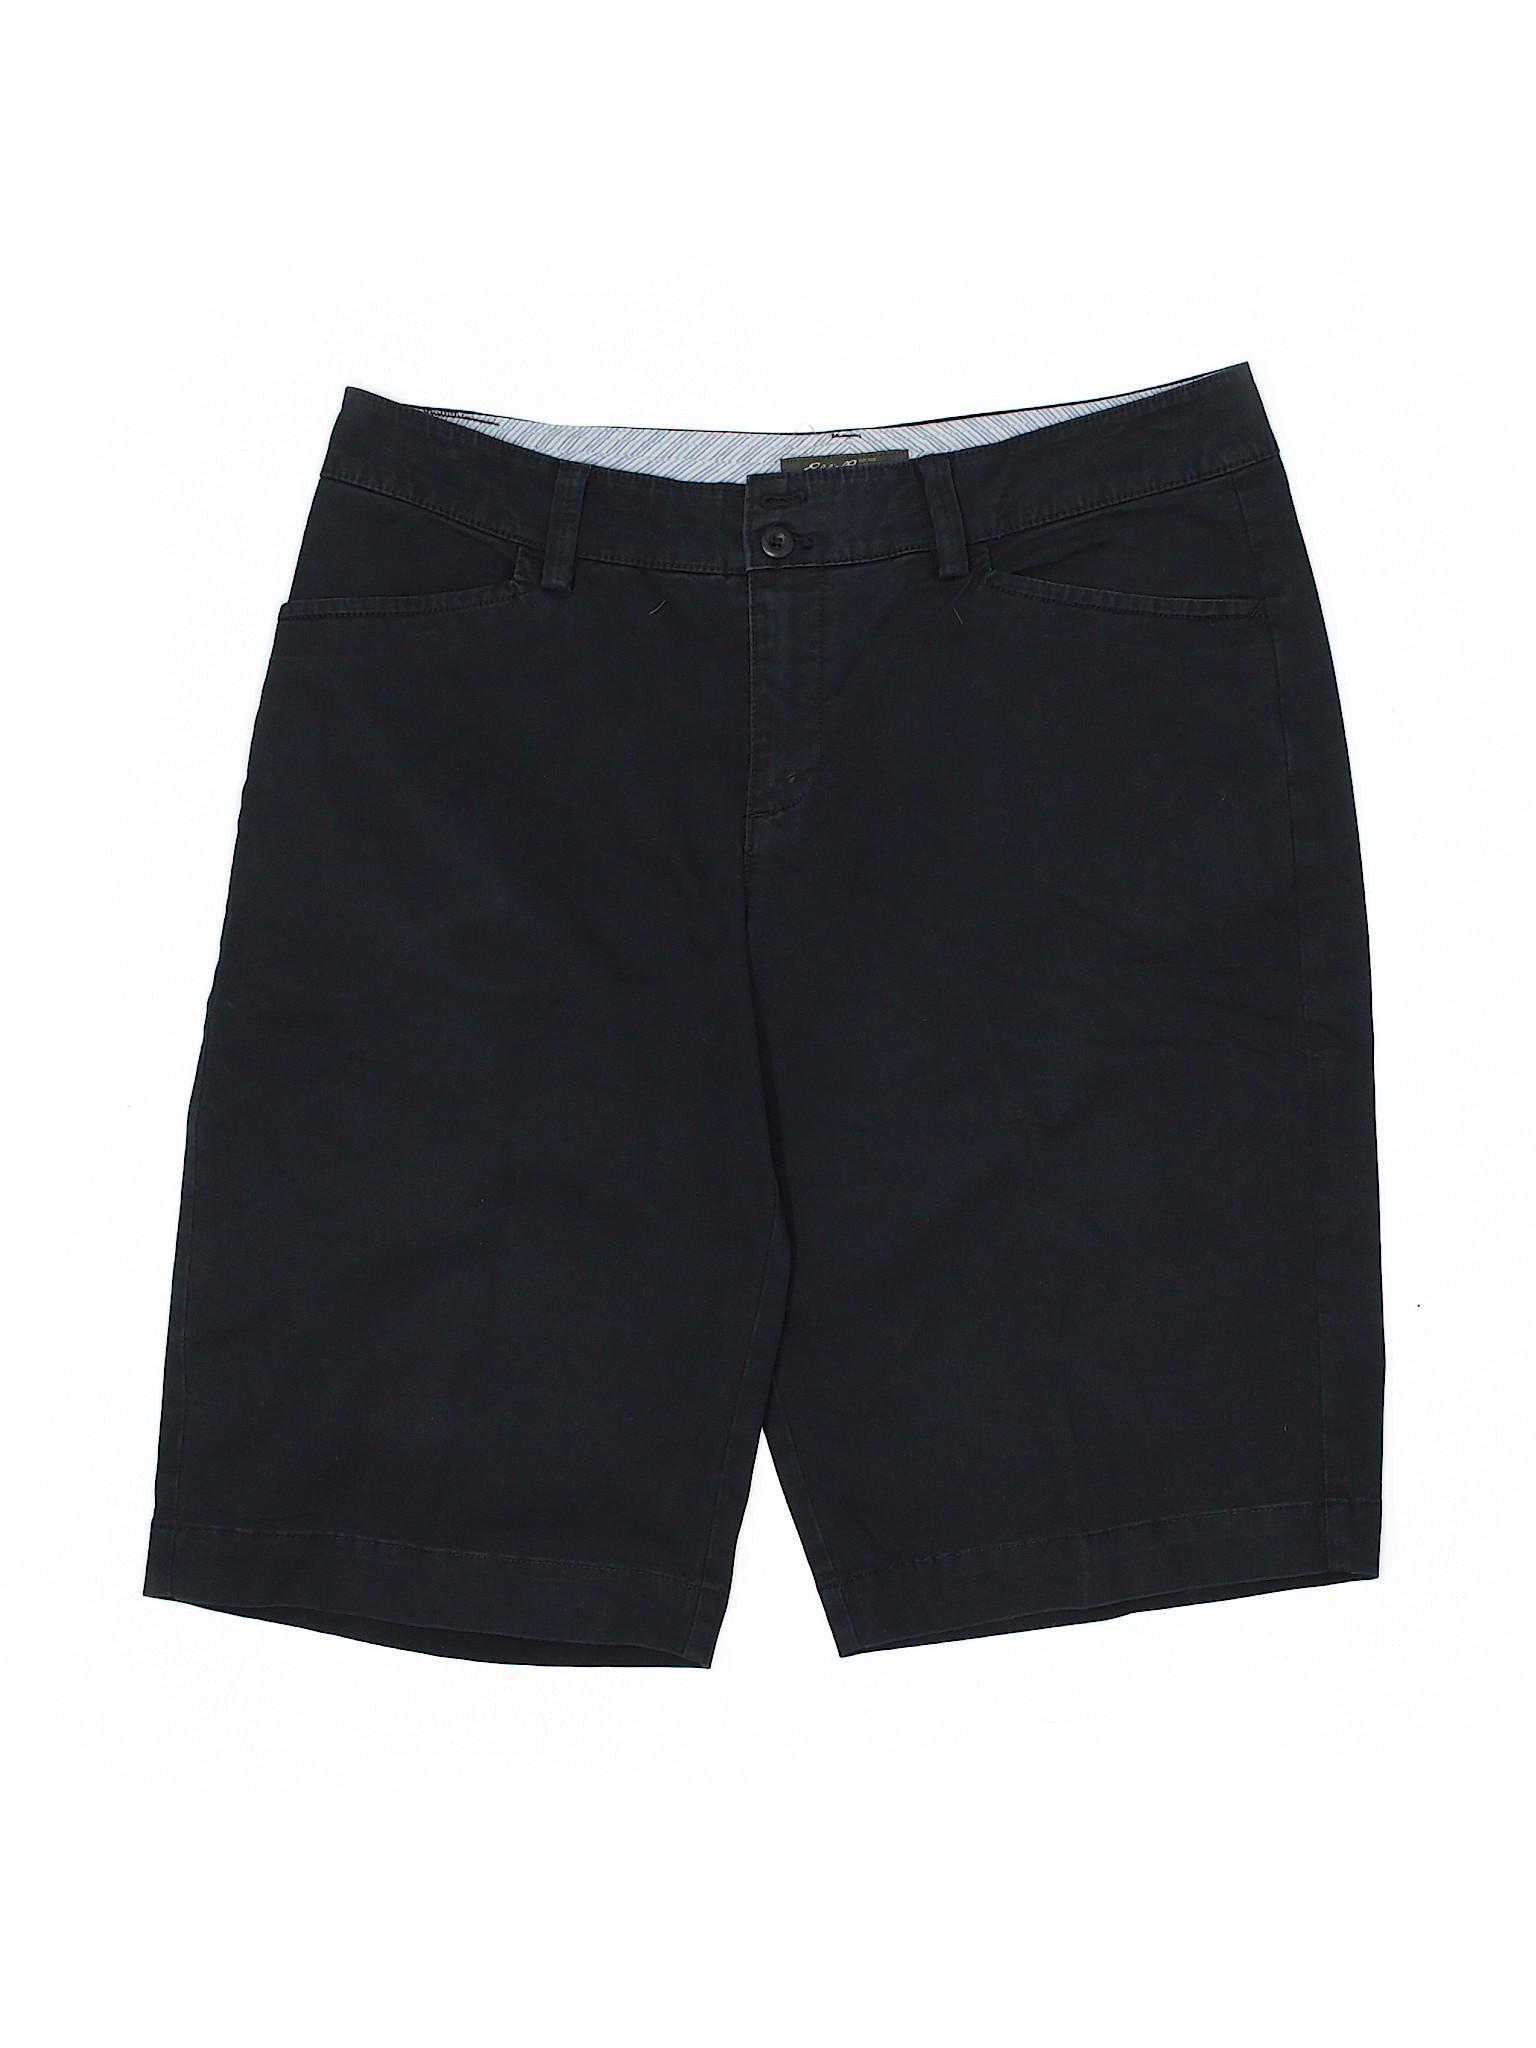 Bauer Eddie Bauer Khaki Eddie Boutique Shorts Boutique Khaki IwzES1